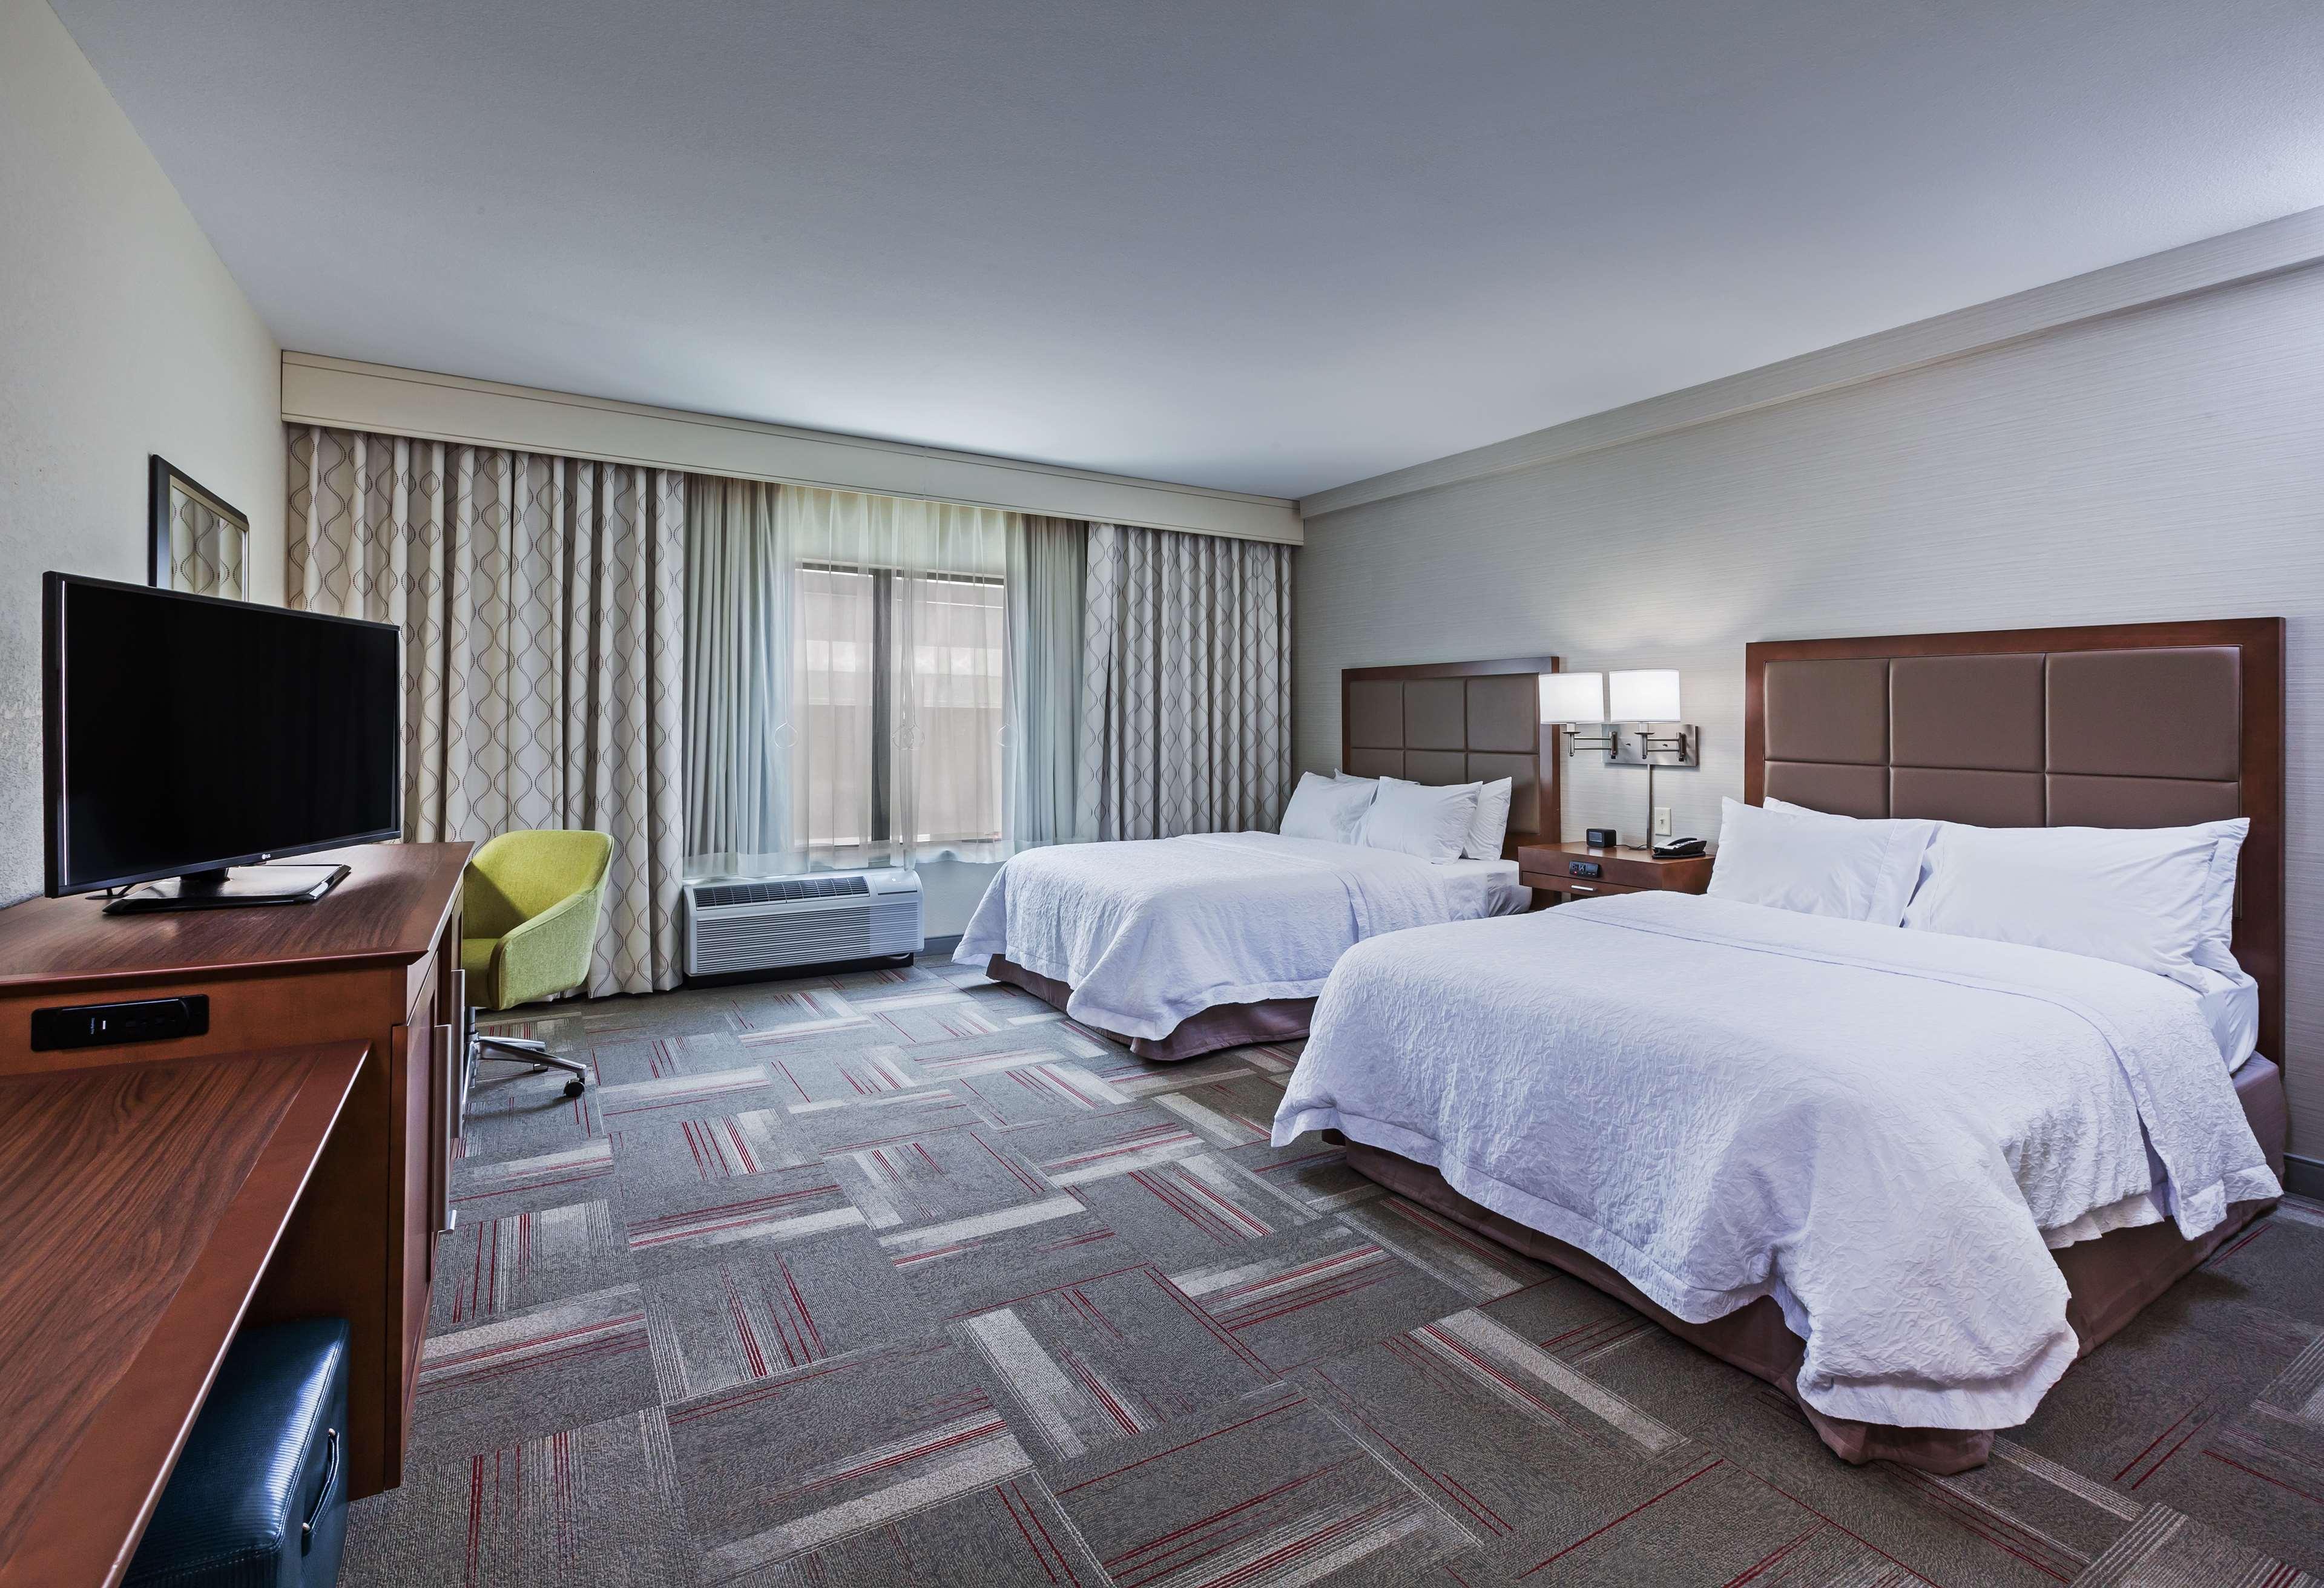 Hampton Inn & Suites Claremore image 22